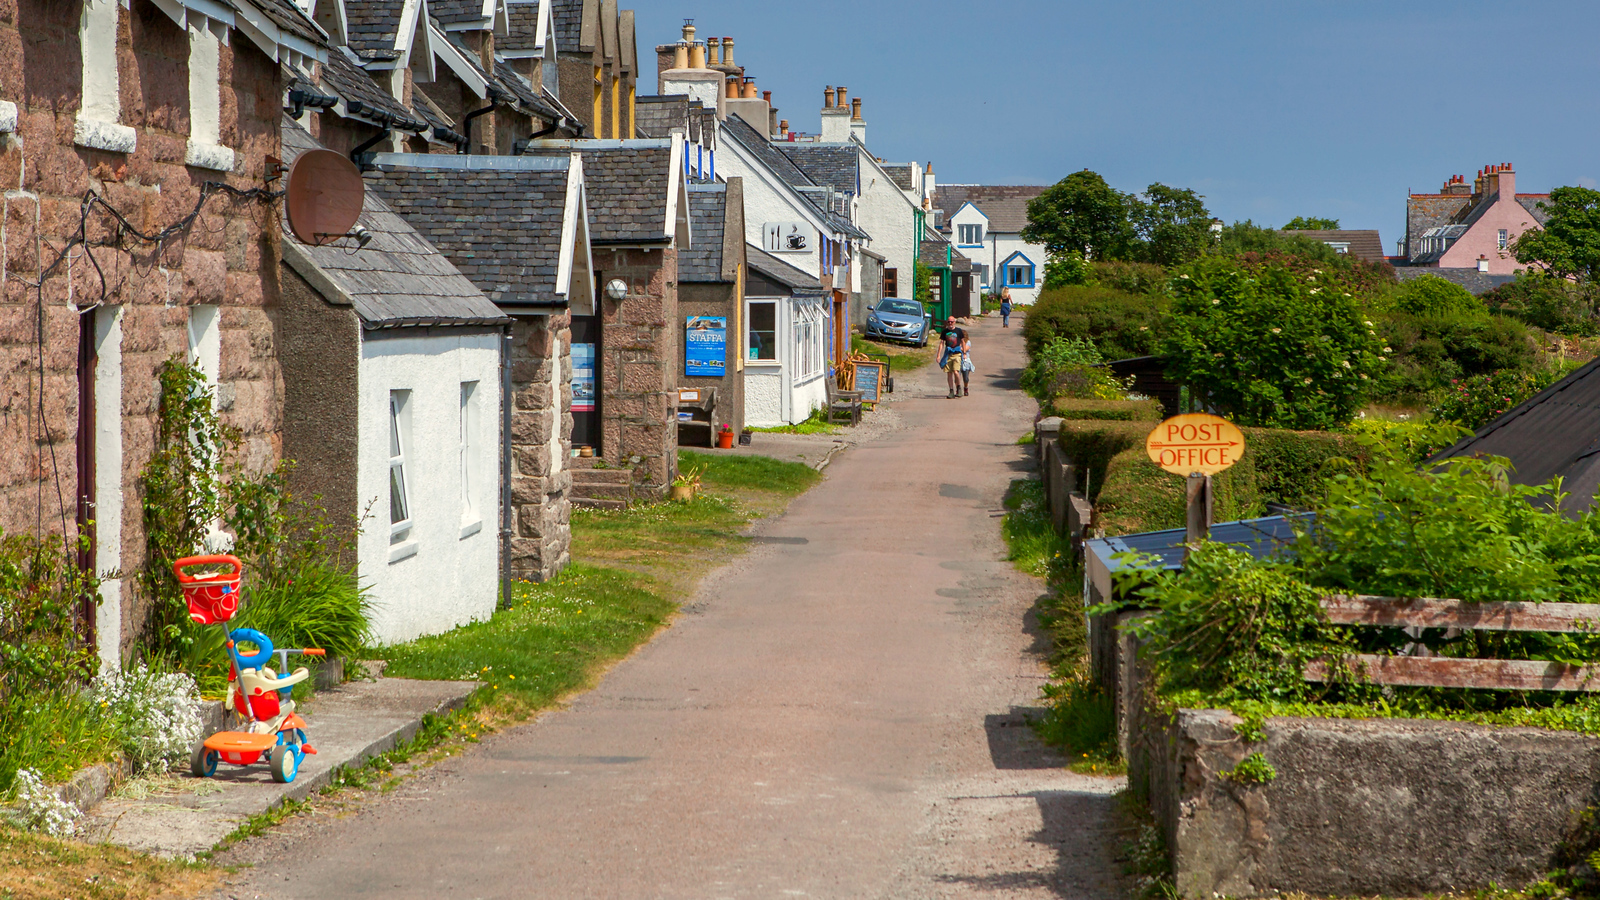 苏格兰见闻,朴实的小城平静的生活